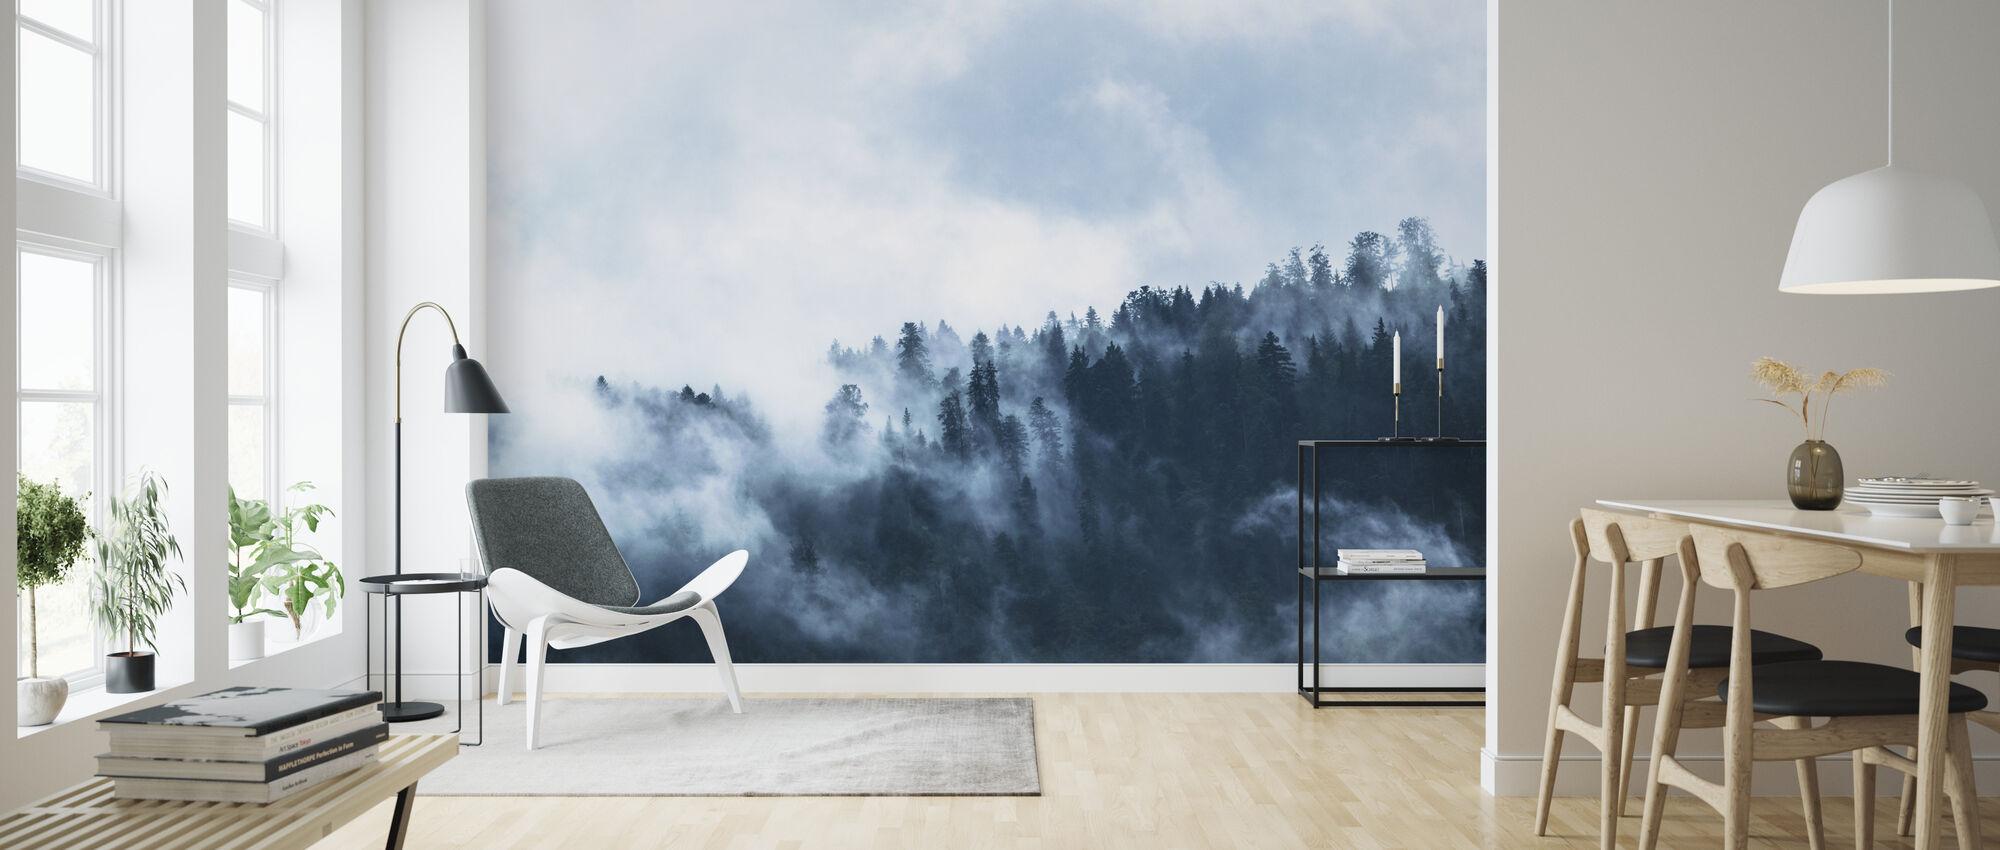 Dimma i skogen - Tapet - Vardagsrum